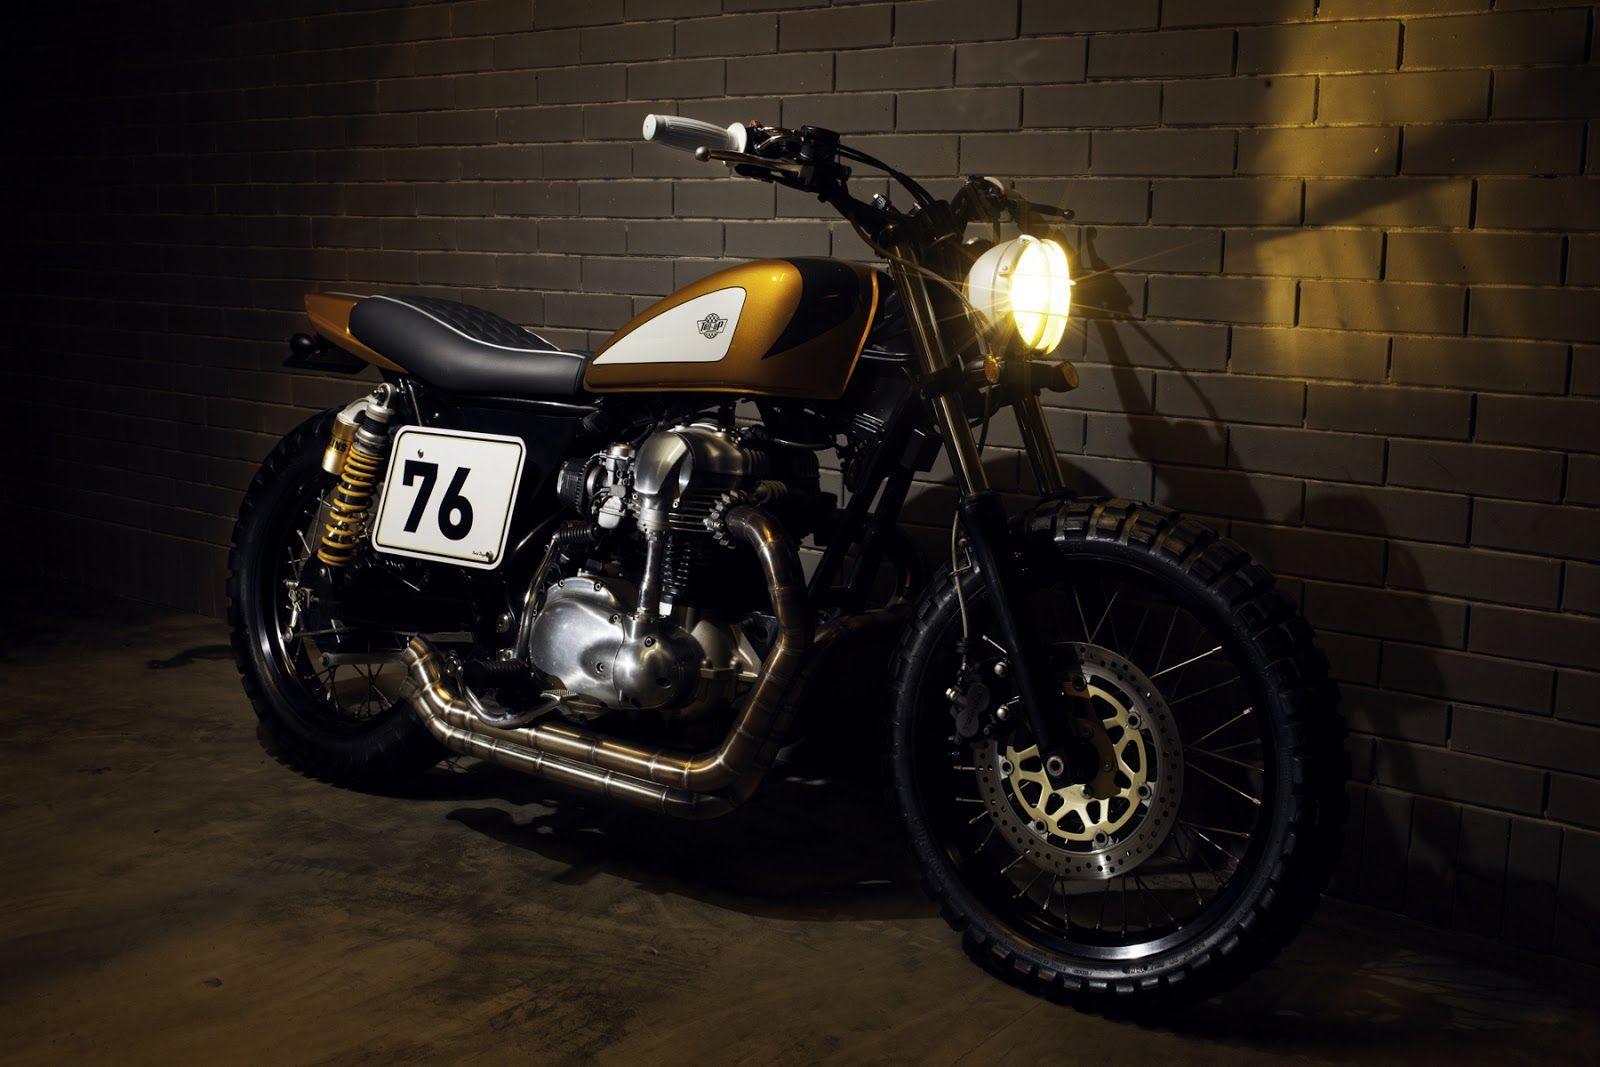 Kawasaki W650 Gold Digger ~ Return of the Cafe Racers